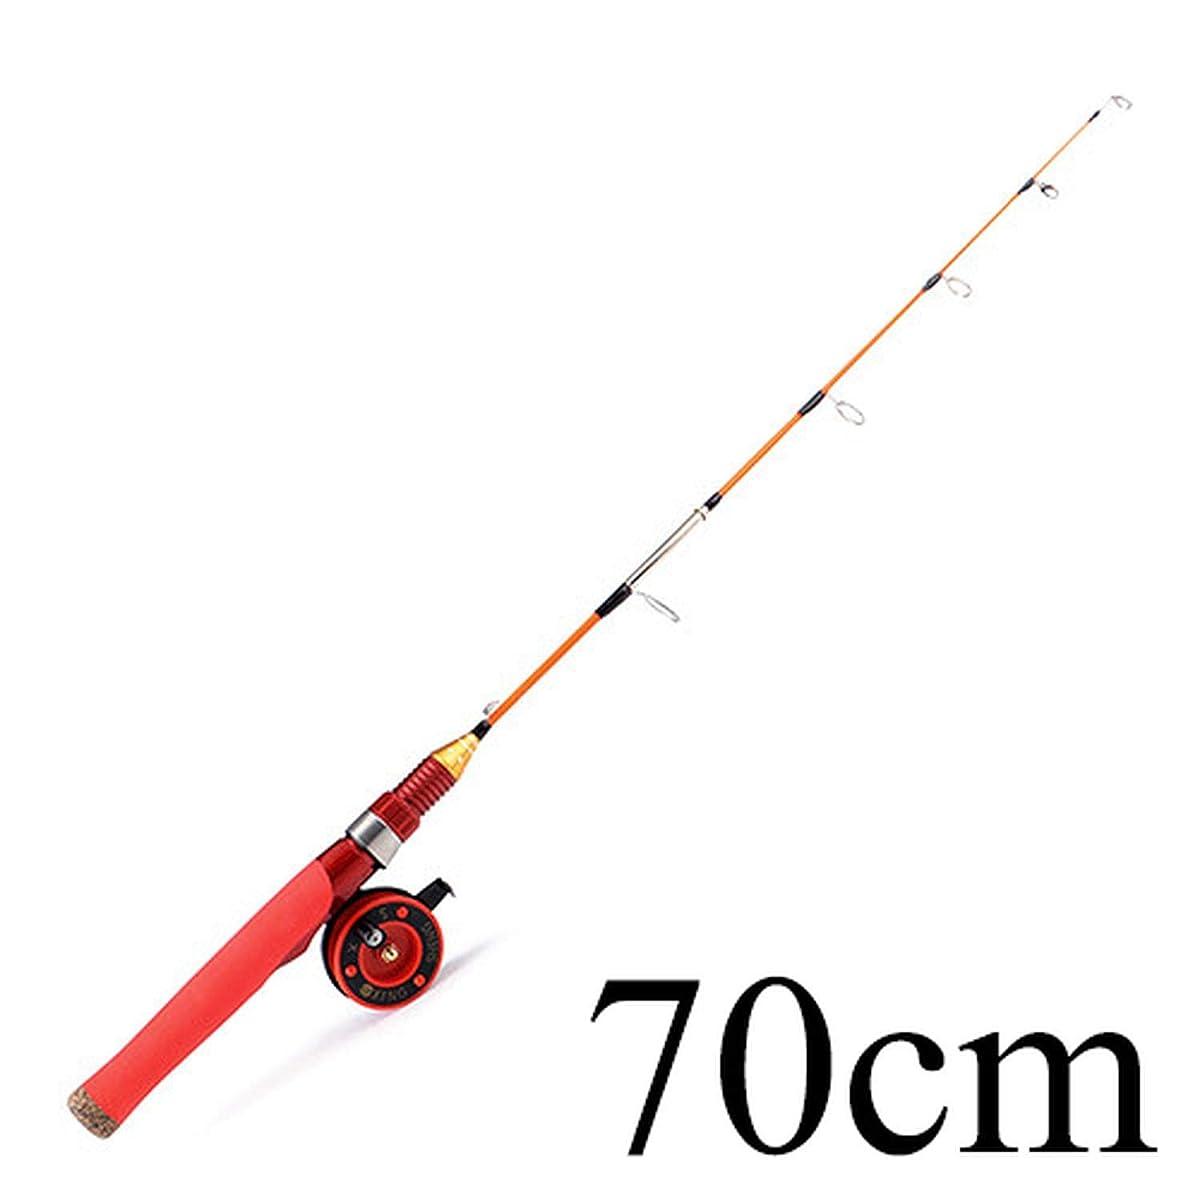 CC-Flashlights Winter Ice Fishing Rod Hard Rod with Ice Fishing Reel Set C.W. 20-40G Winter Ice Fishing Rod Carp Fishing